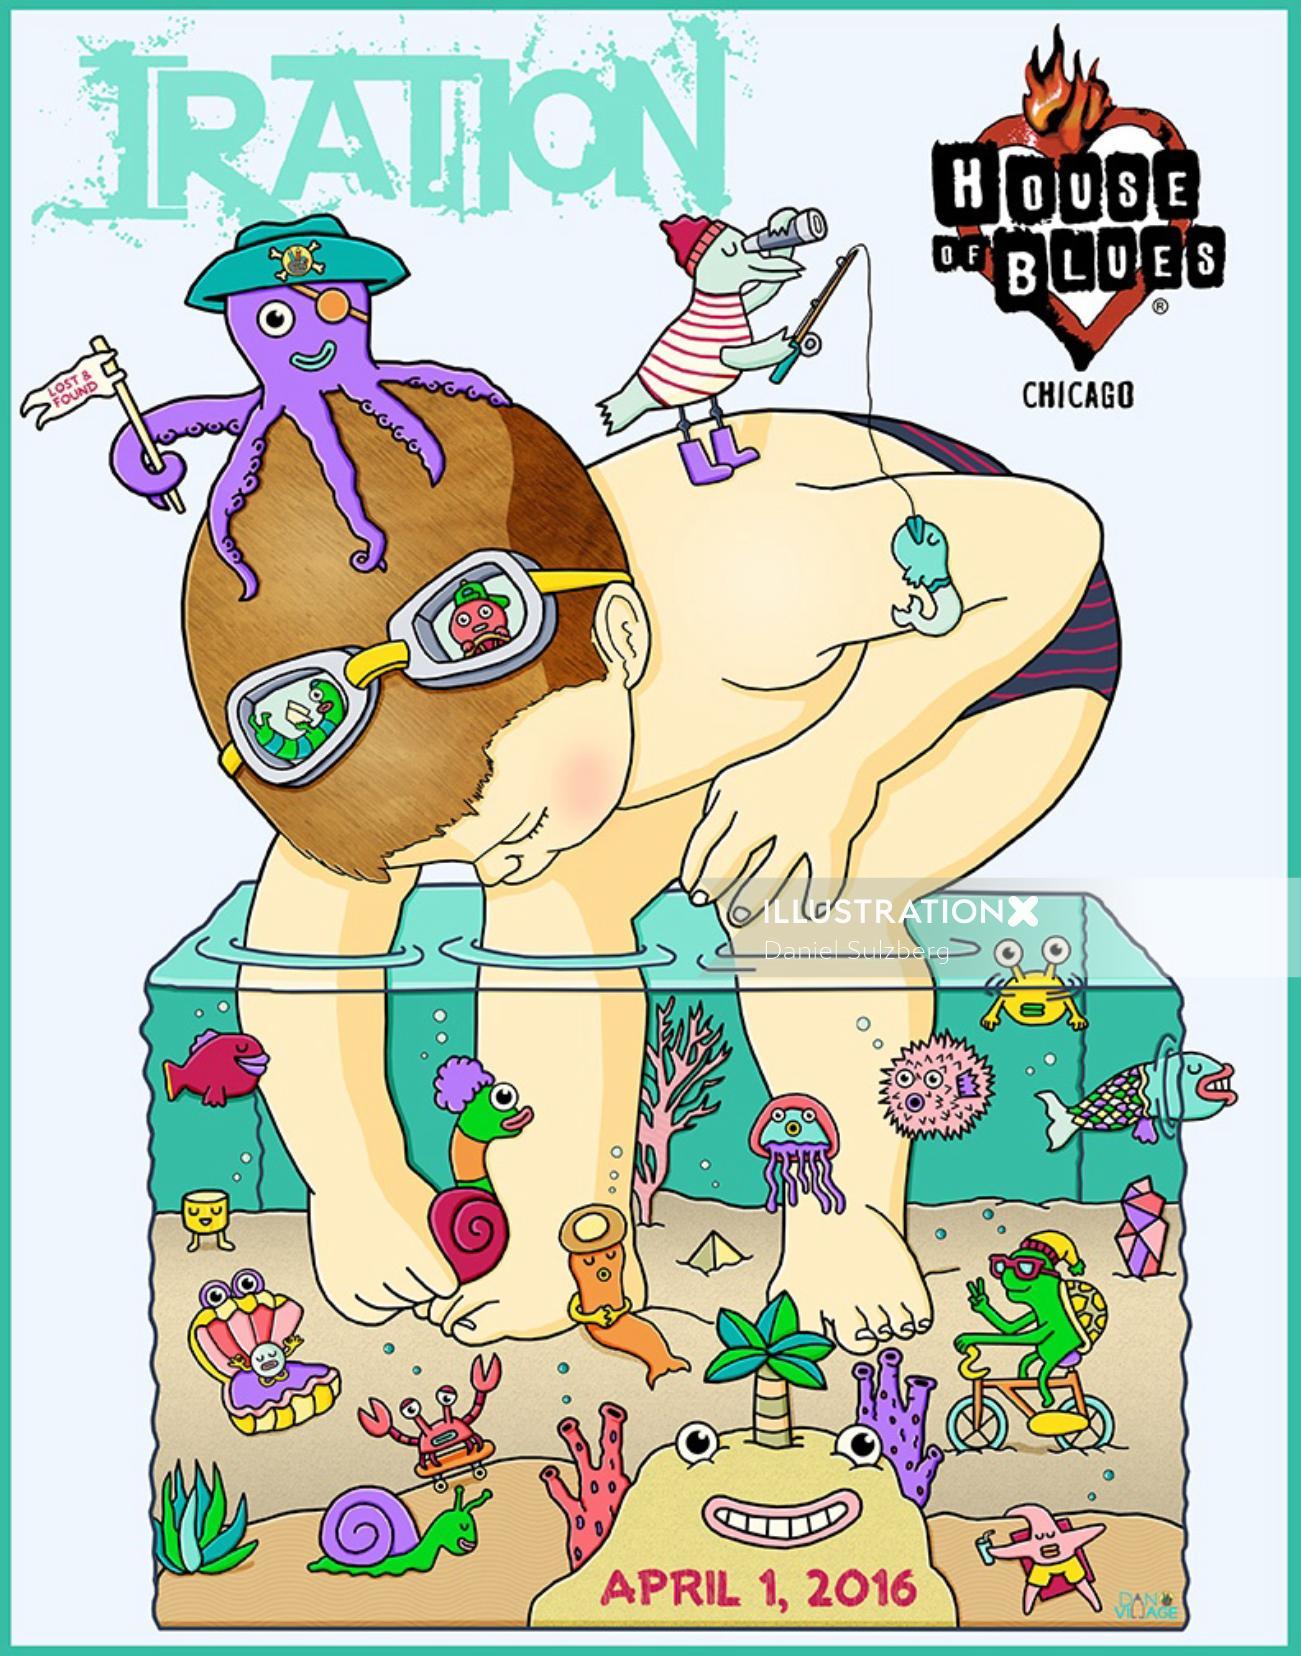 Poster Design By Santa Barbara Based Illustrator